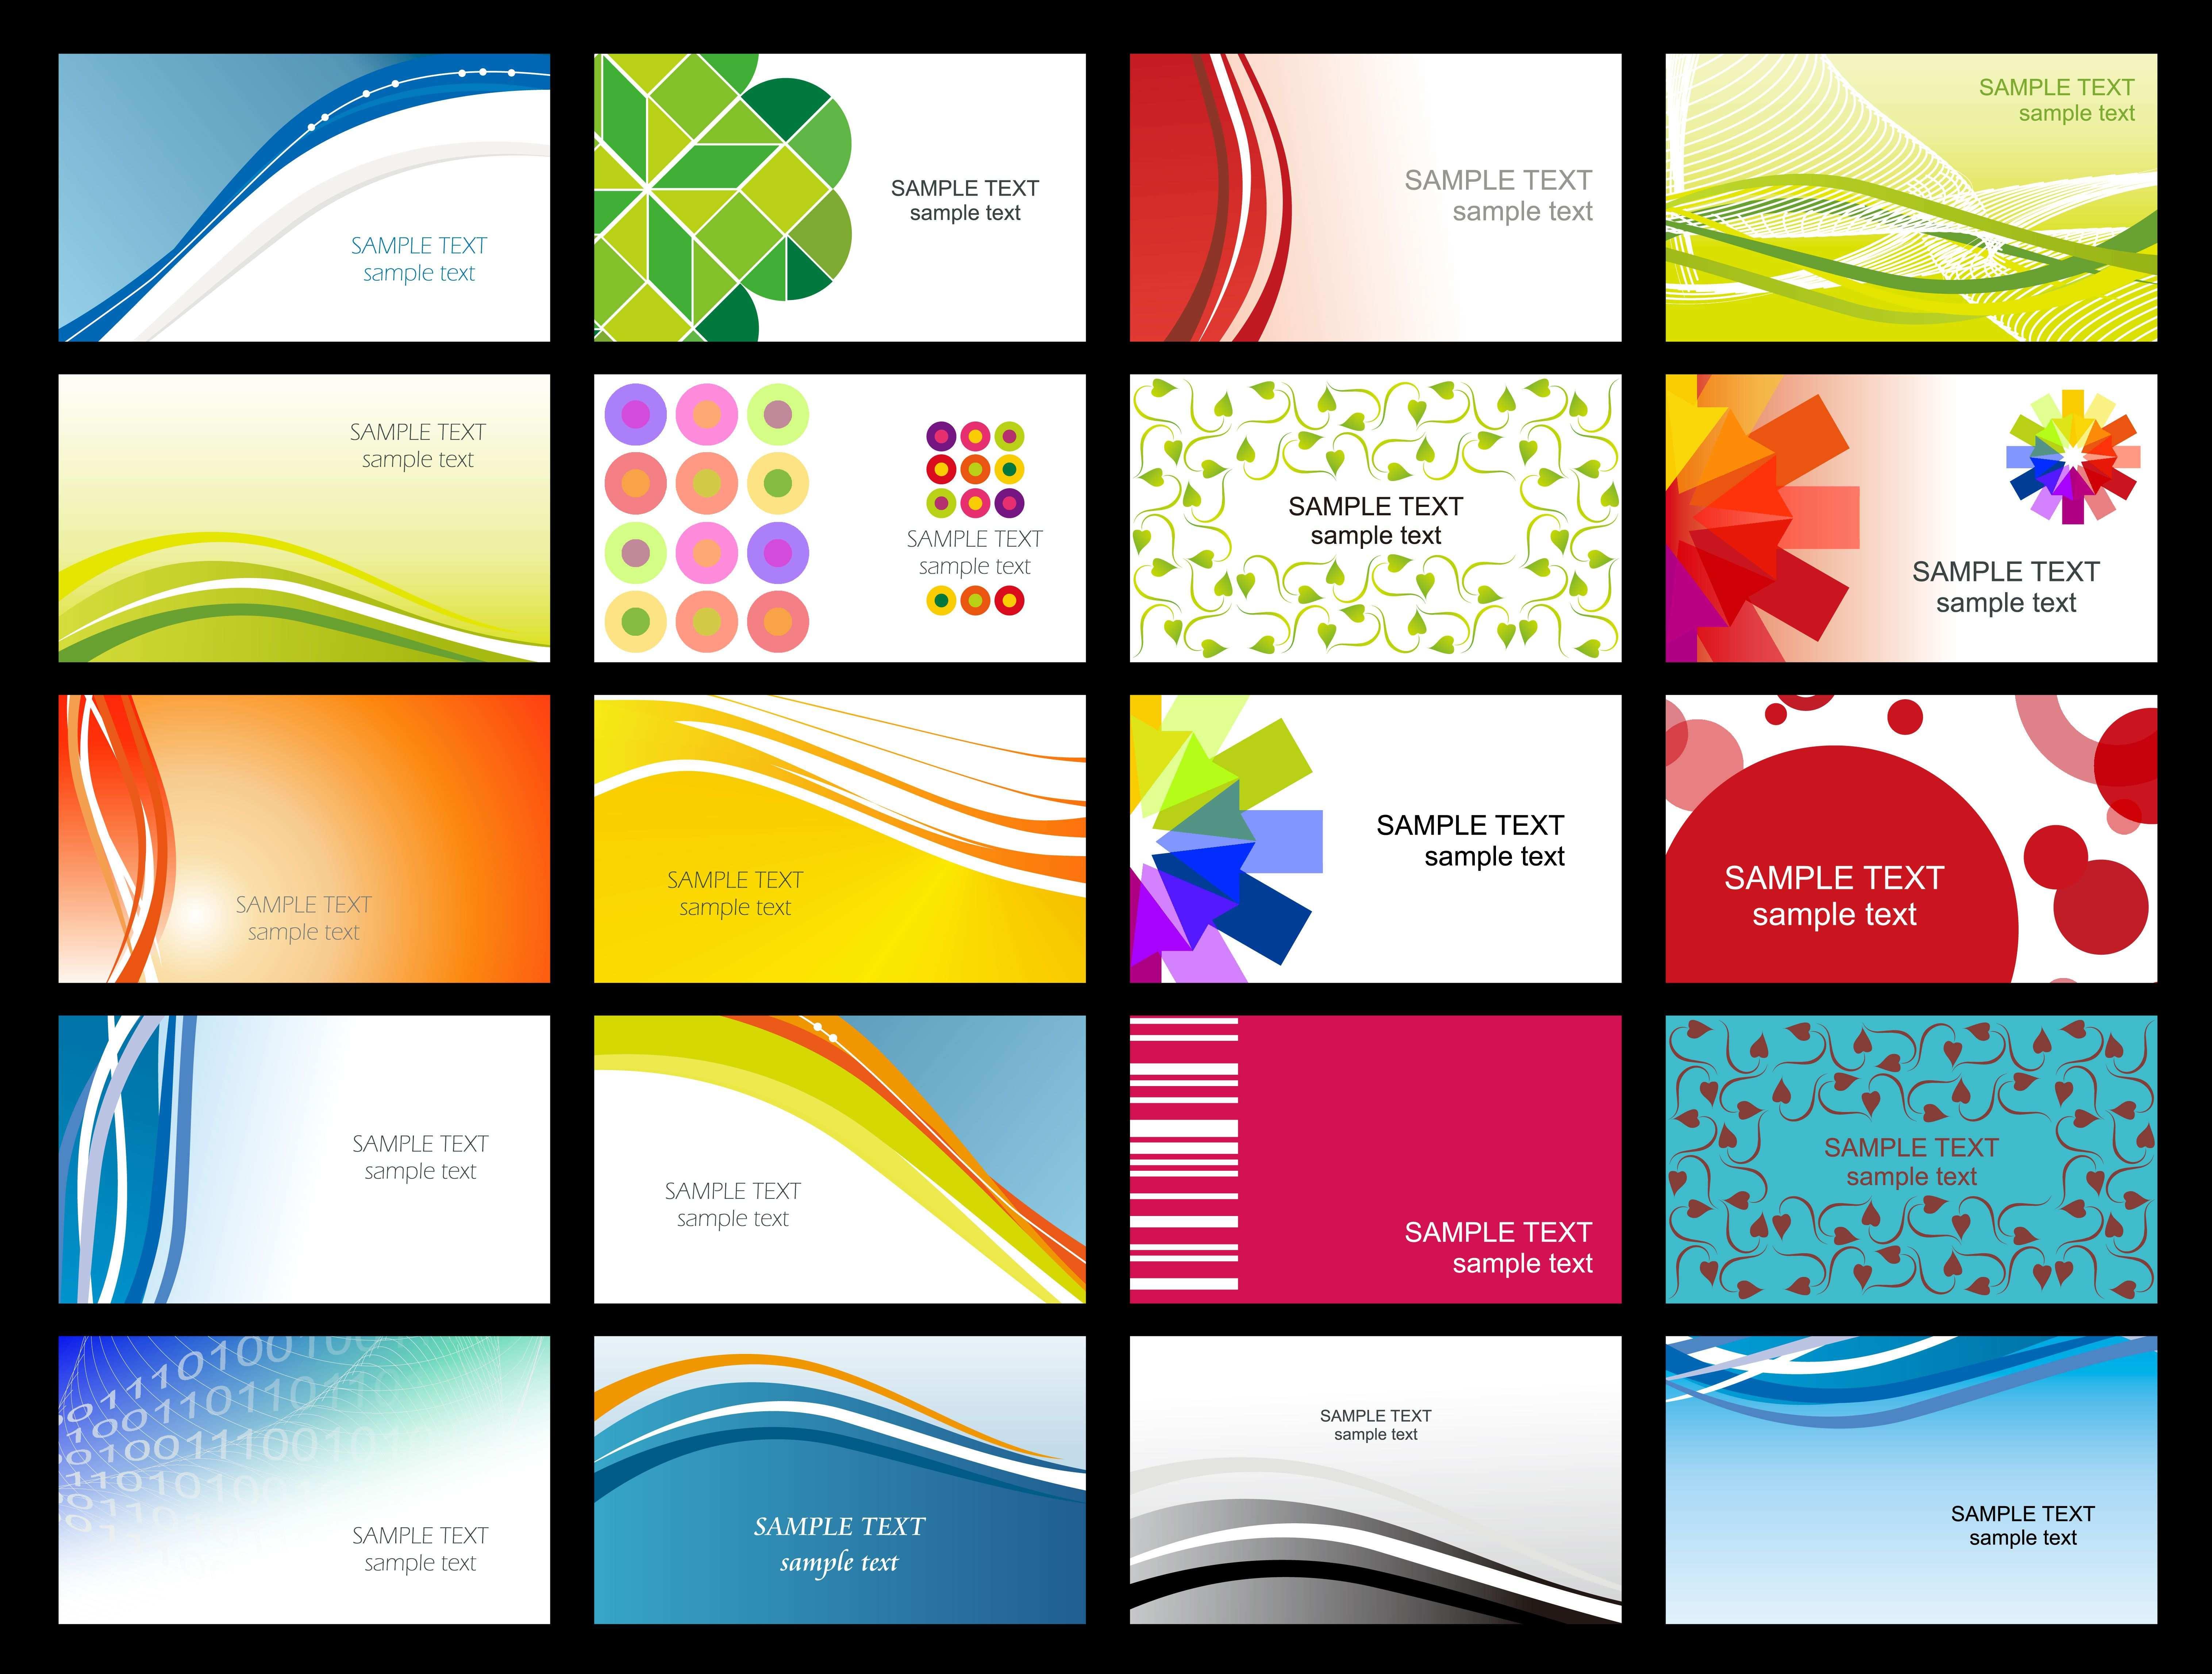 Kostenlose Vorlagen Fur Visitenkarten Drucken Zu Hause Mit Der Kostenlosen Visitenkarten Vorlagen Un Visitenkartenvorlagen Visitenkarten Vorlagen Visitenkarten